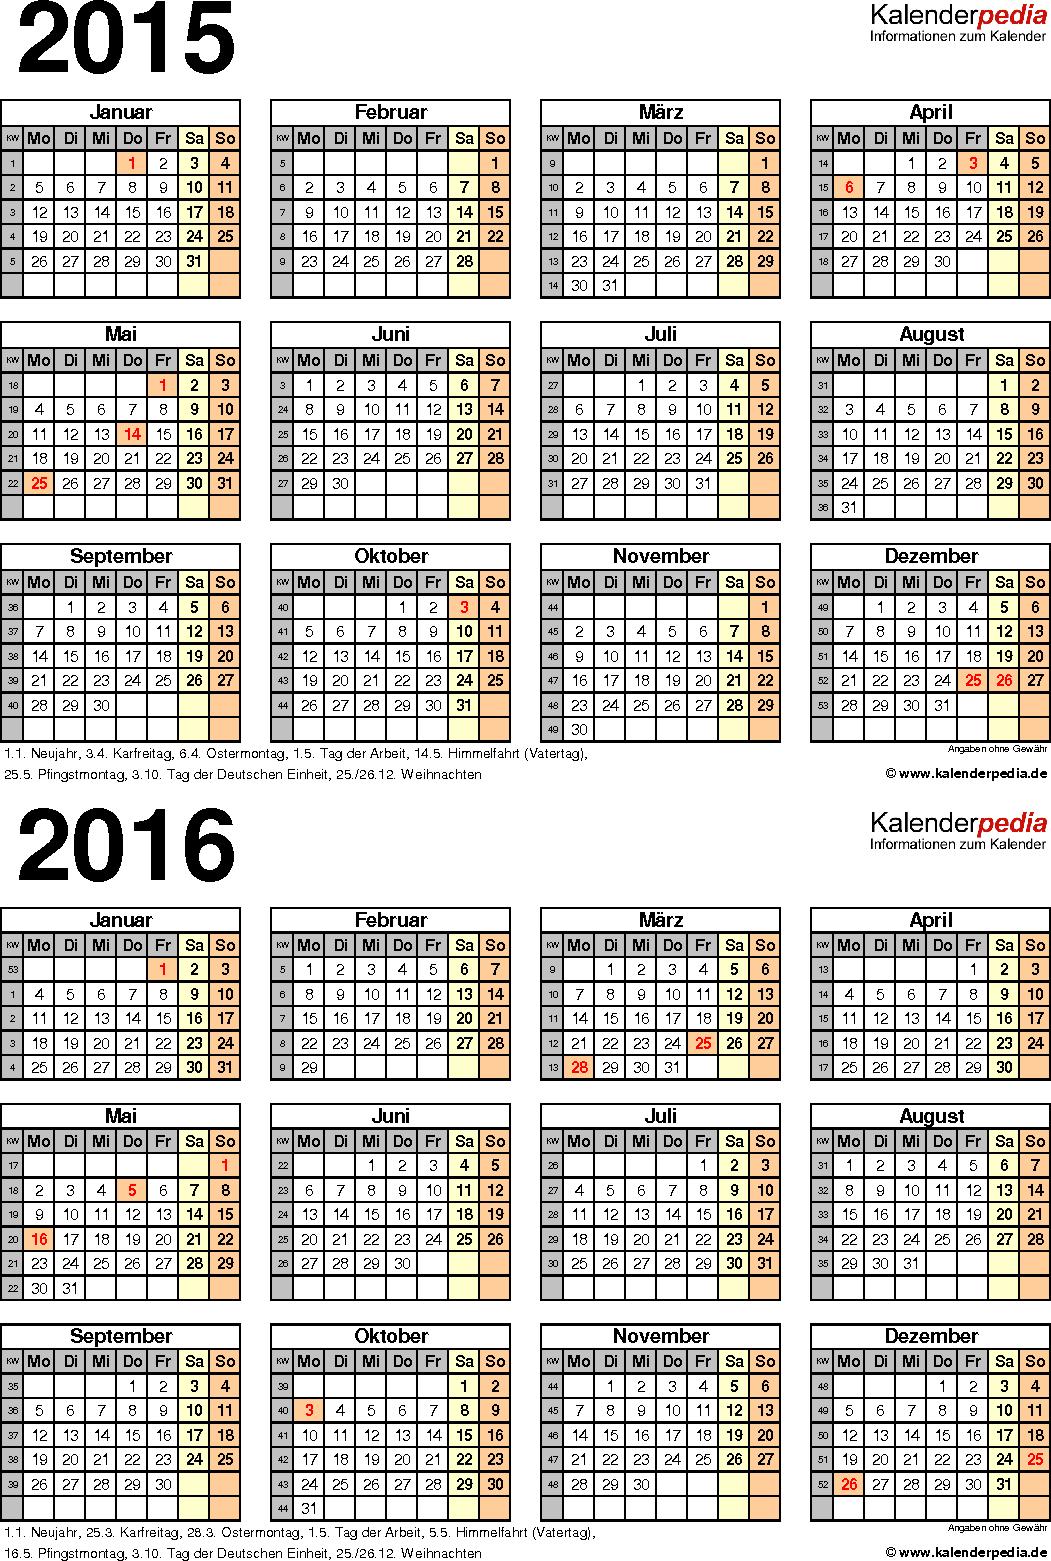 Word-Vorlage für Zweijahreskalender 2015/2016 (Hochformat, 1 Seite)